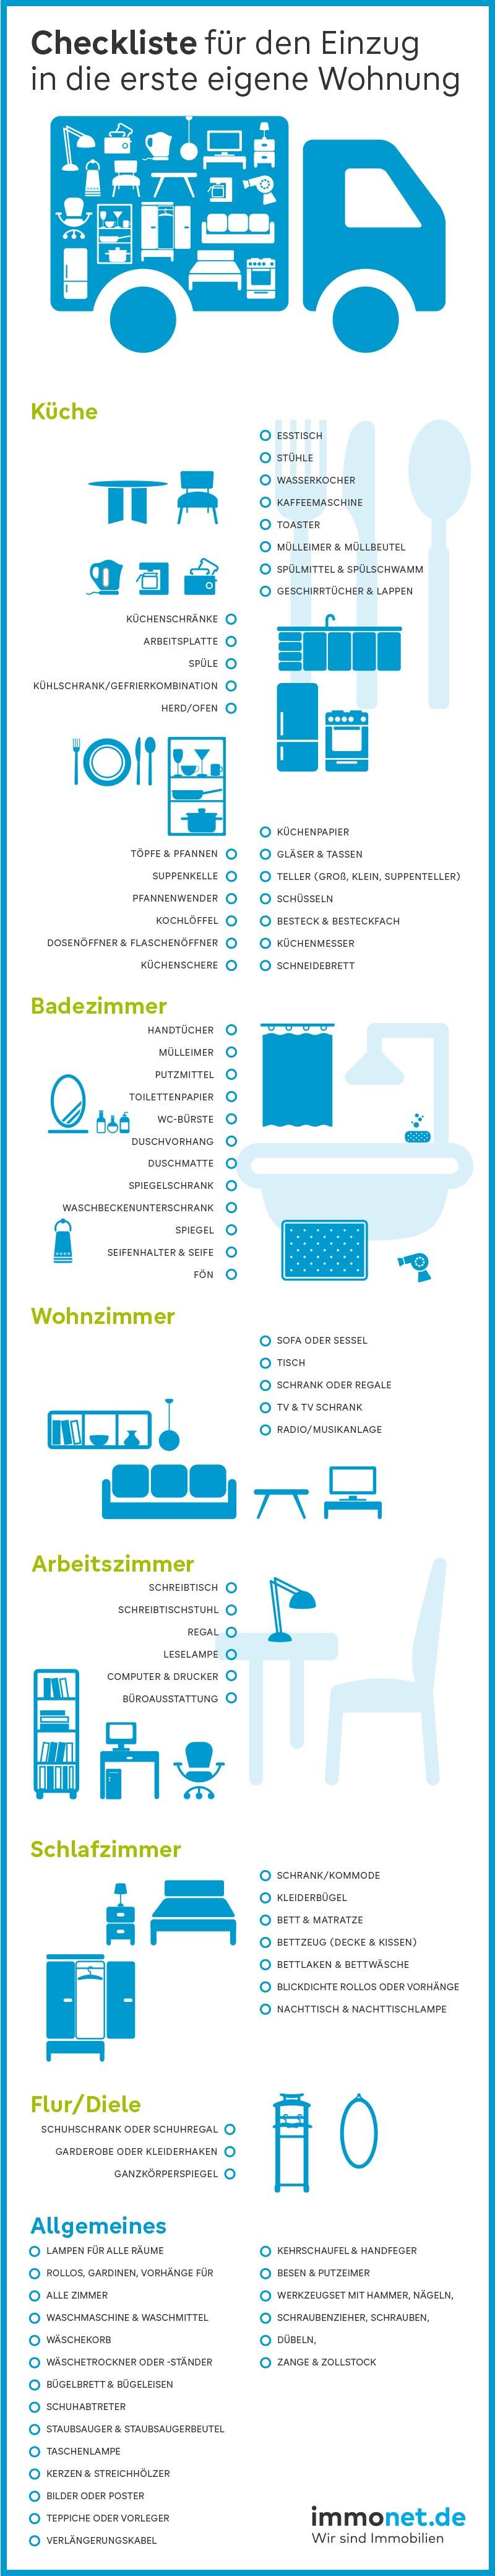 Checkliste für die erste eigene Wohnung   immonet